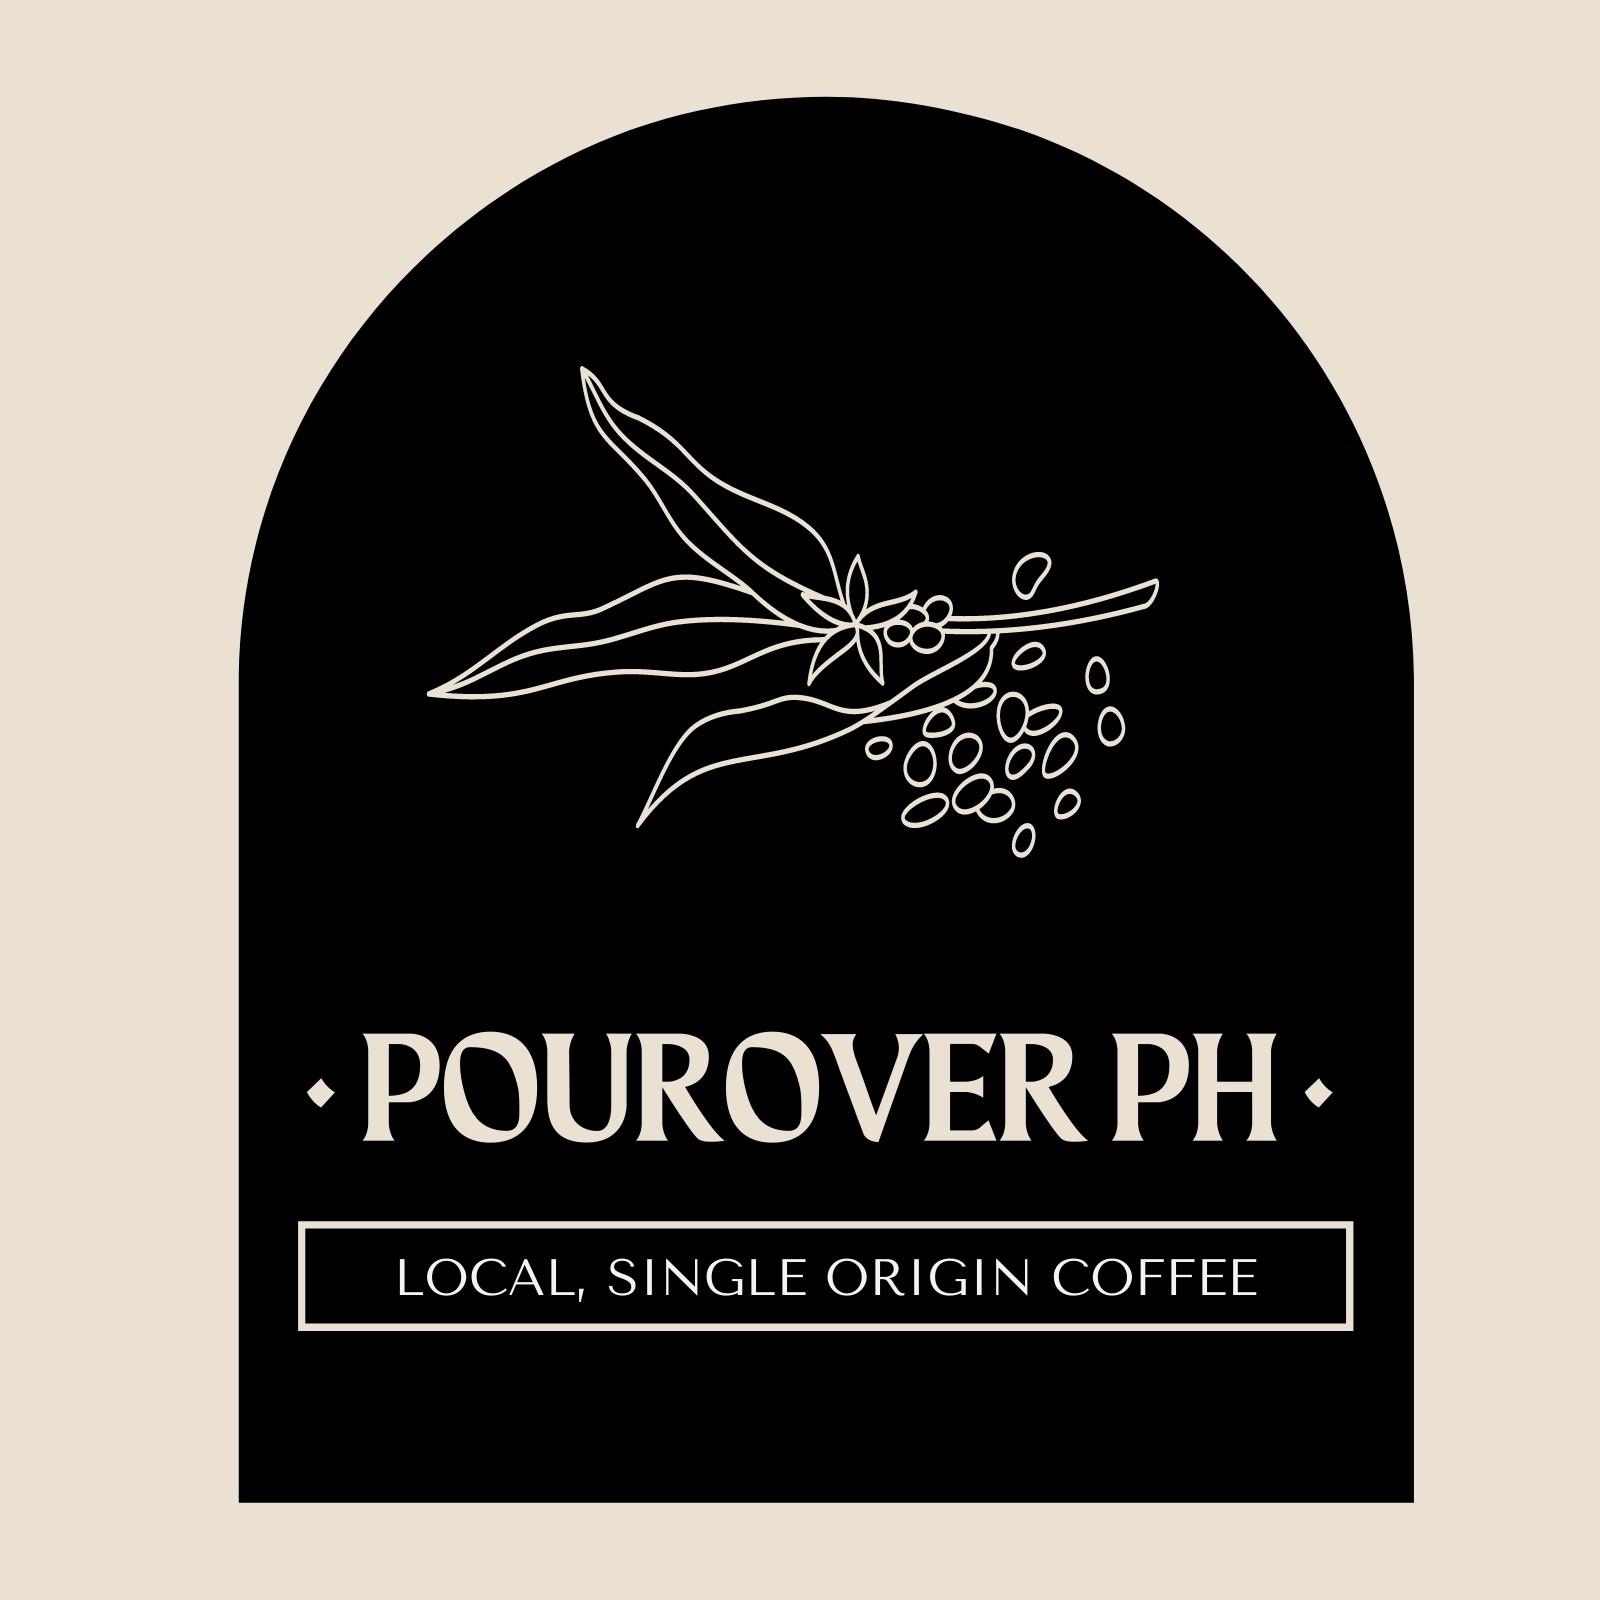 Cream and Black Local Single Origin Coffee Logo